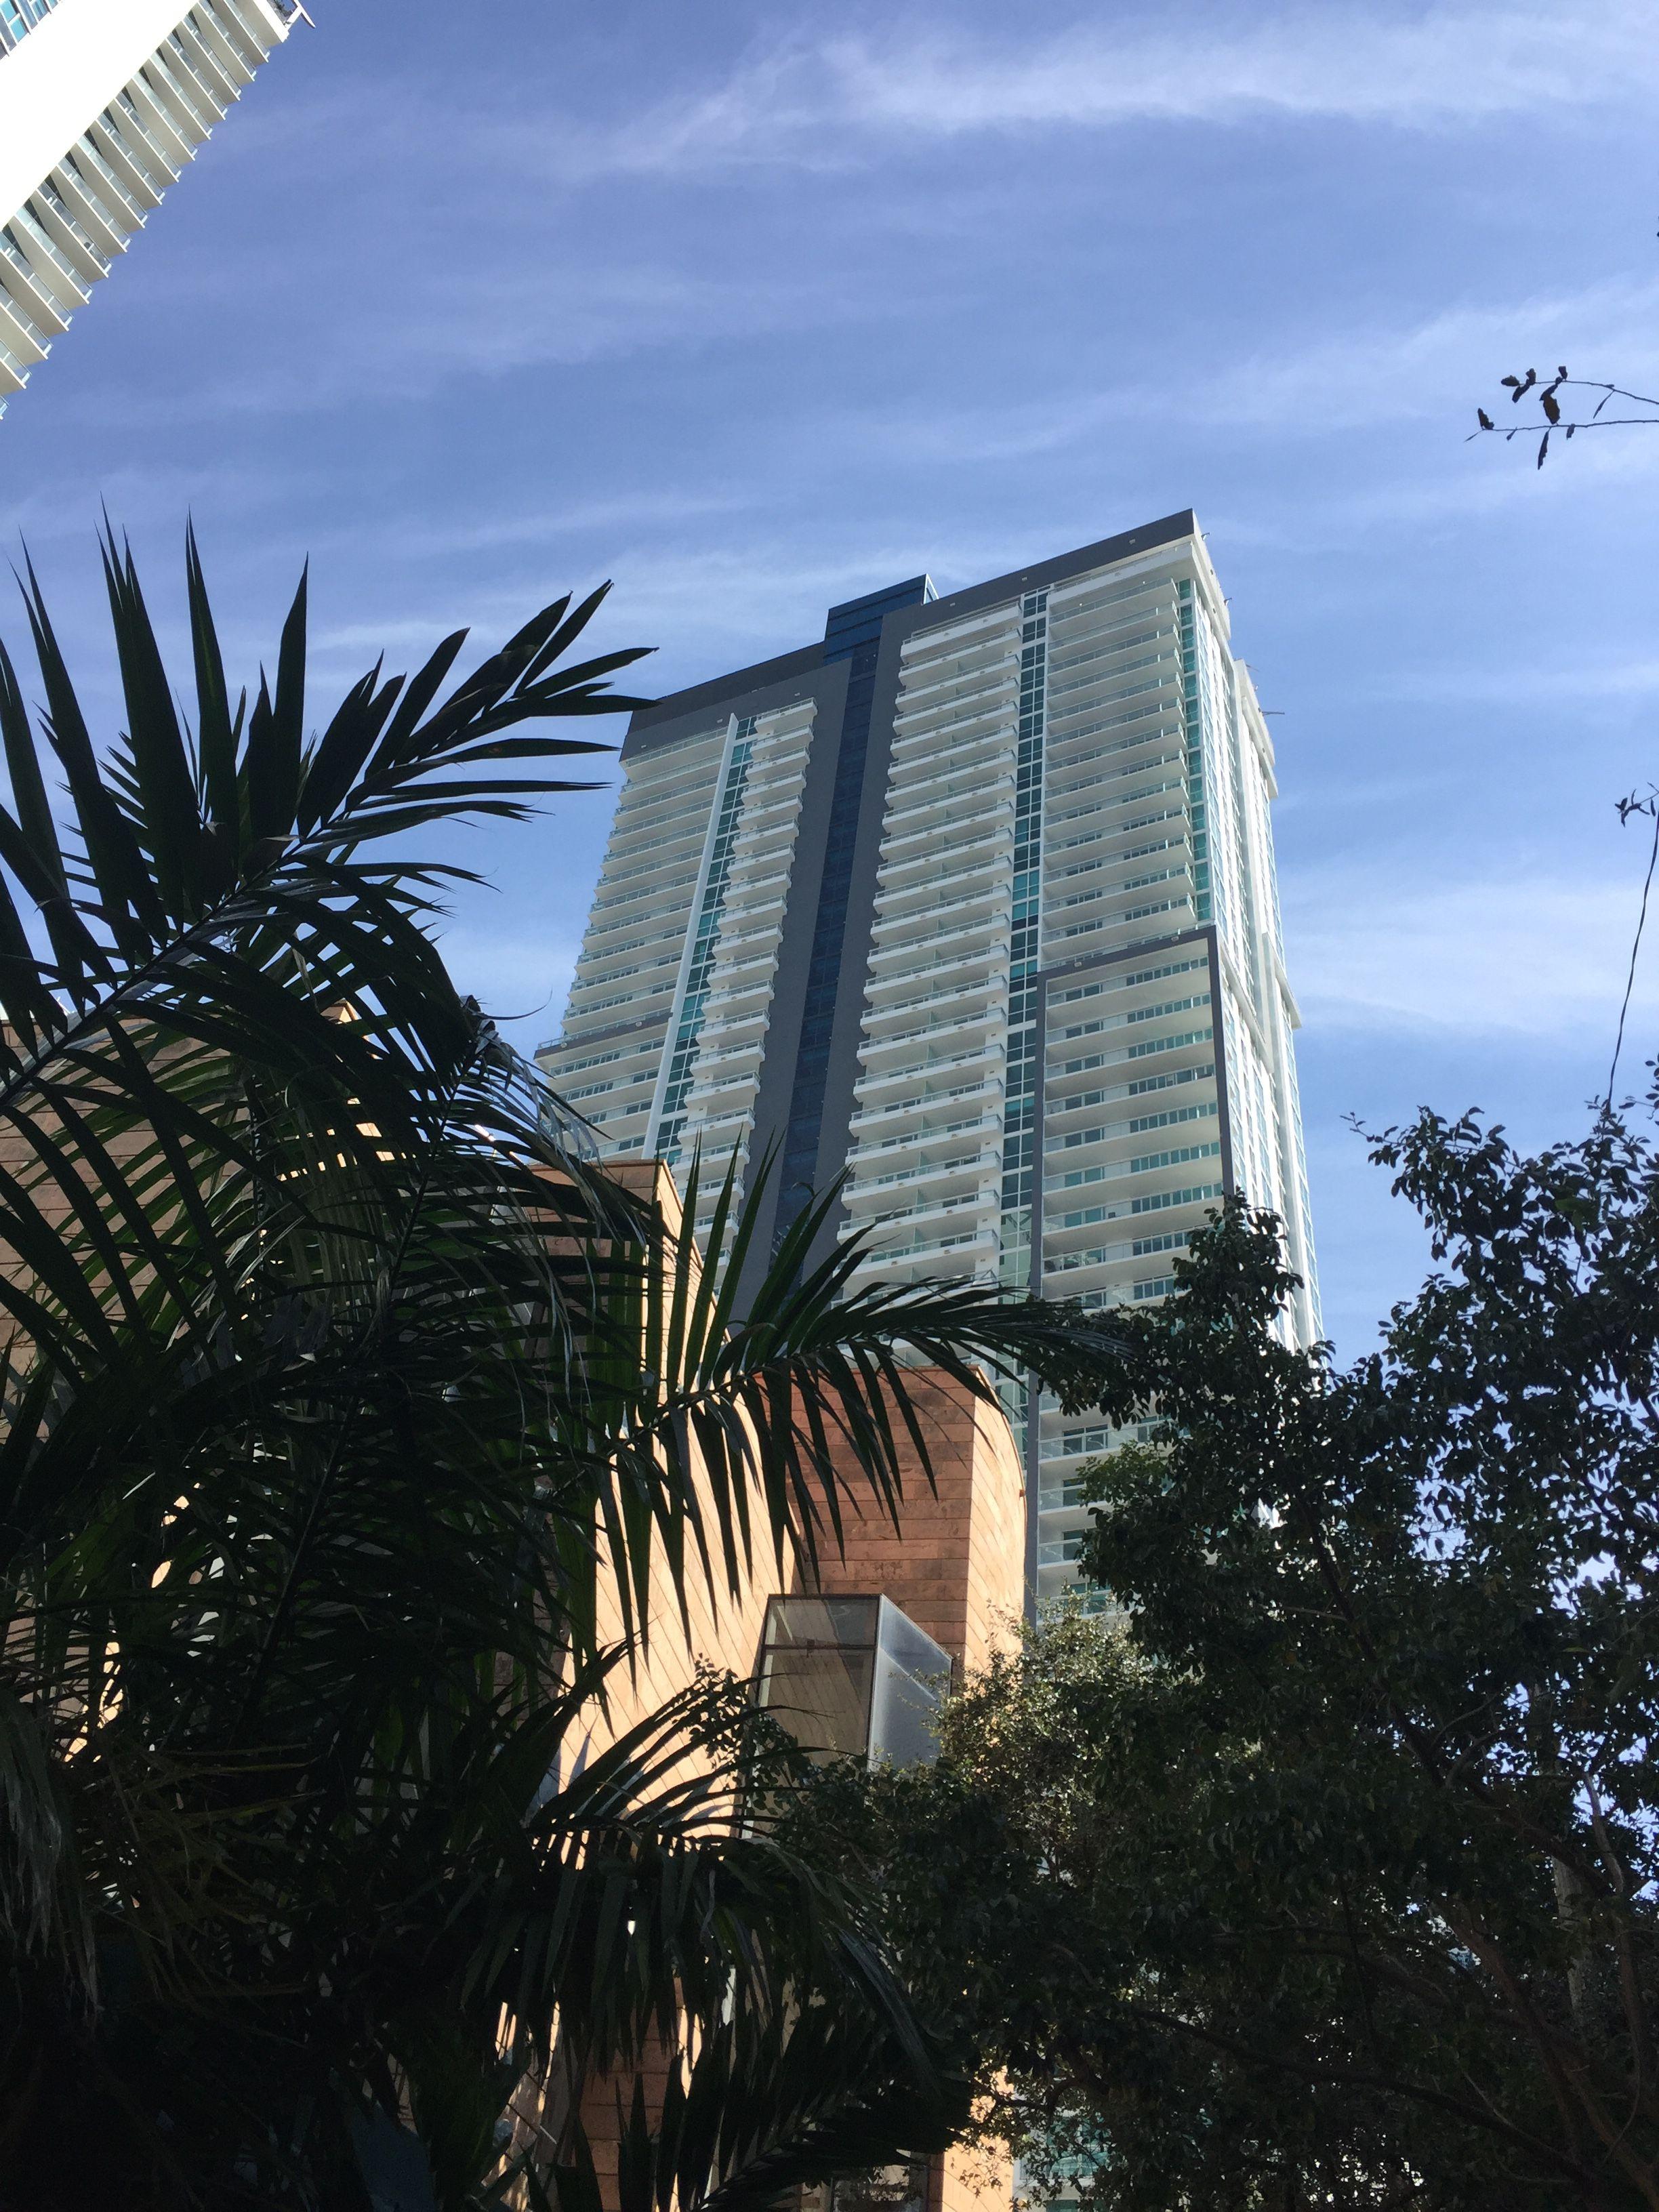 Miami,FL miami Miami architecture, Miami beach, Miami fl